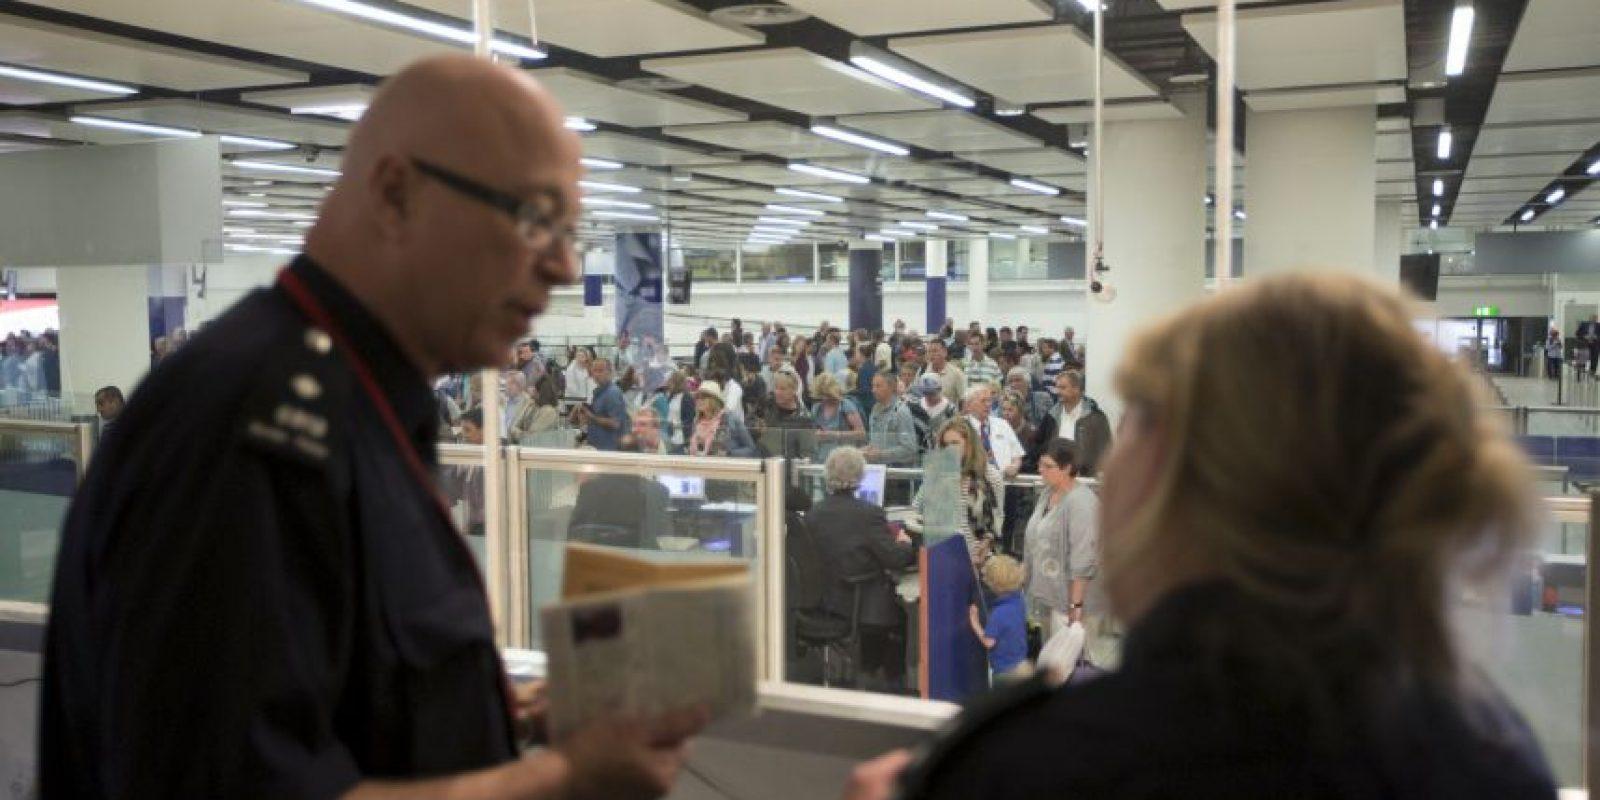 La medida tiene como objetivo combatir la inmigración ilegal. Foto:Getty Images